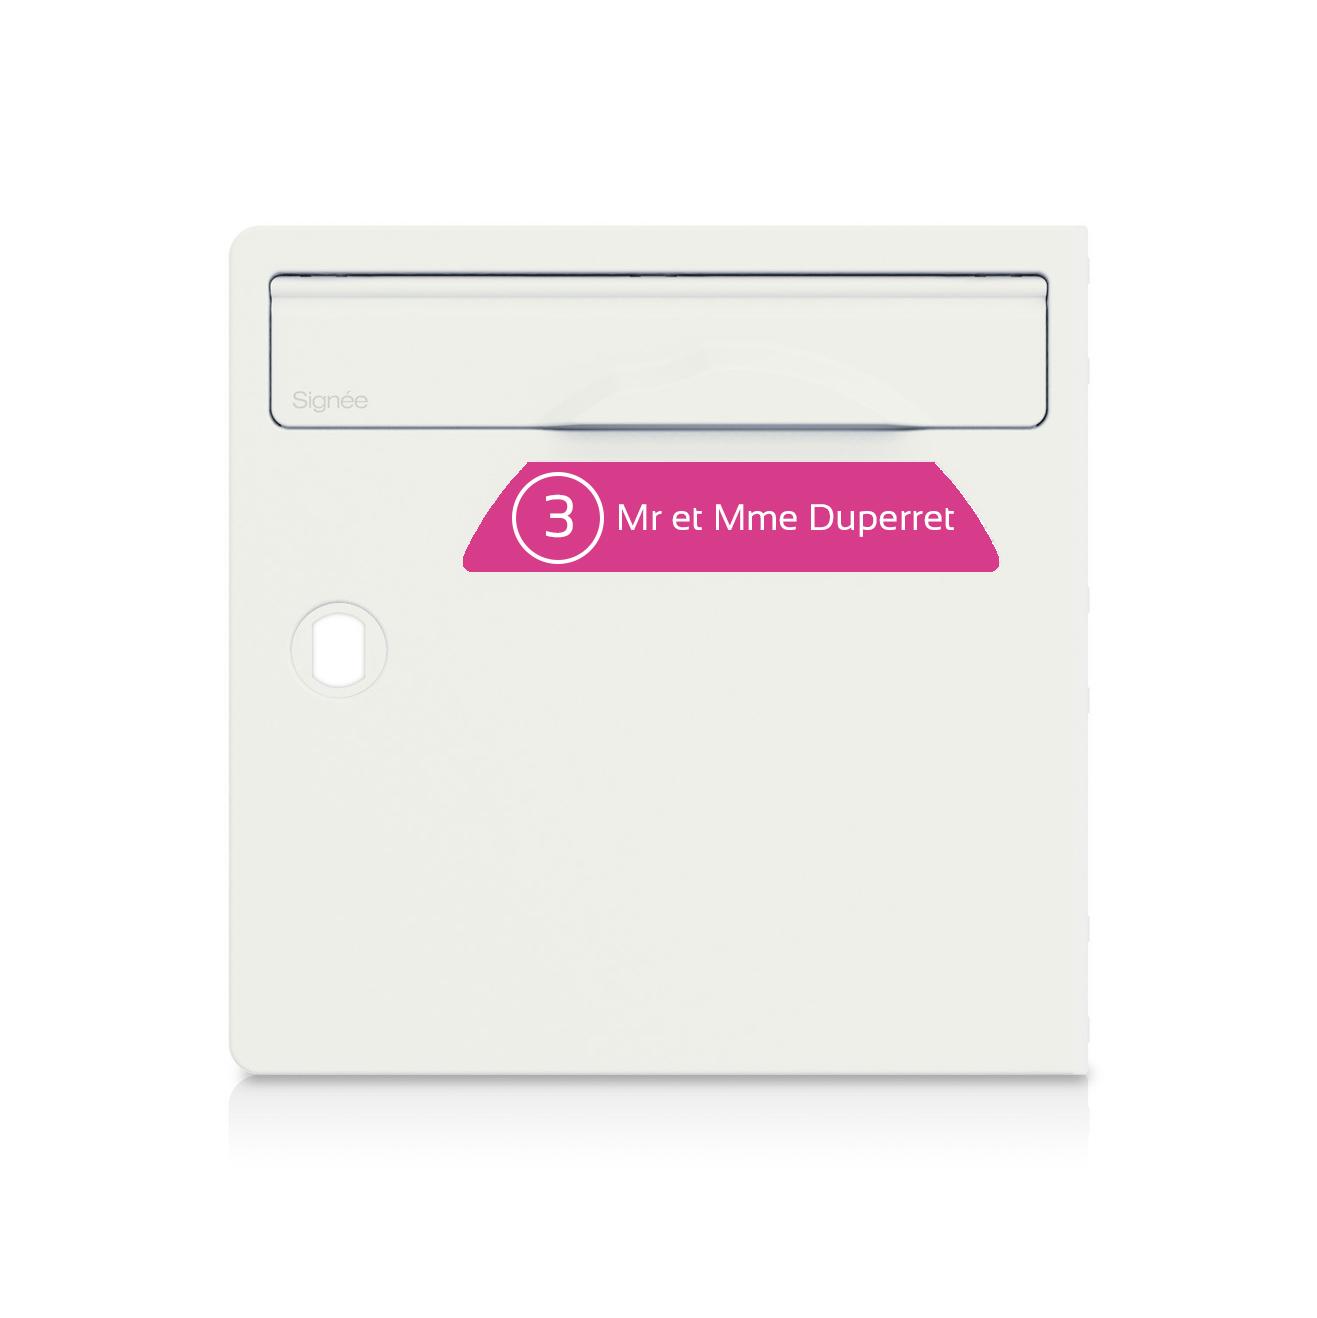 Plaque boite aux lettres Signée NUMERO rose lettres blanches - 1 ligne